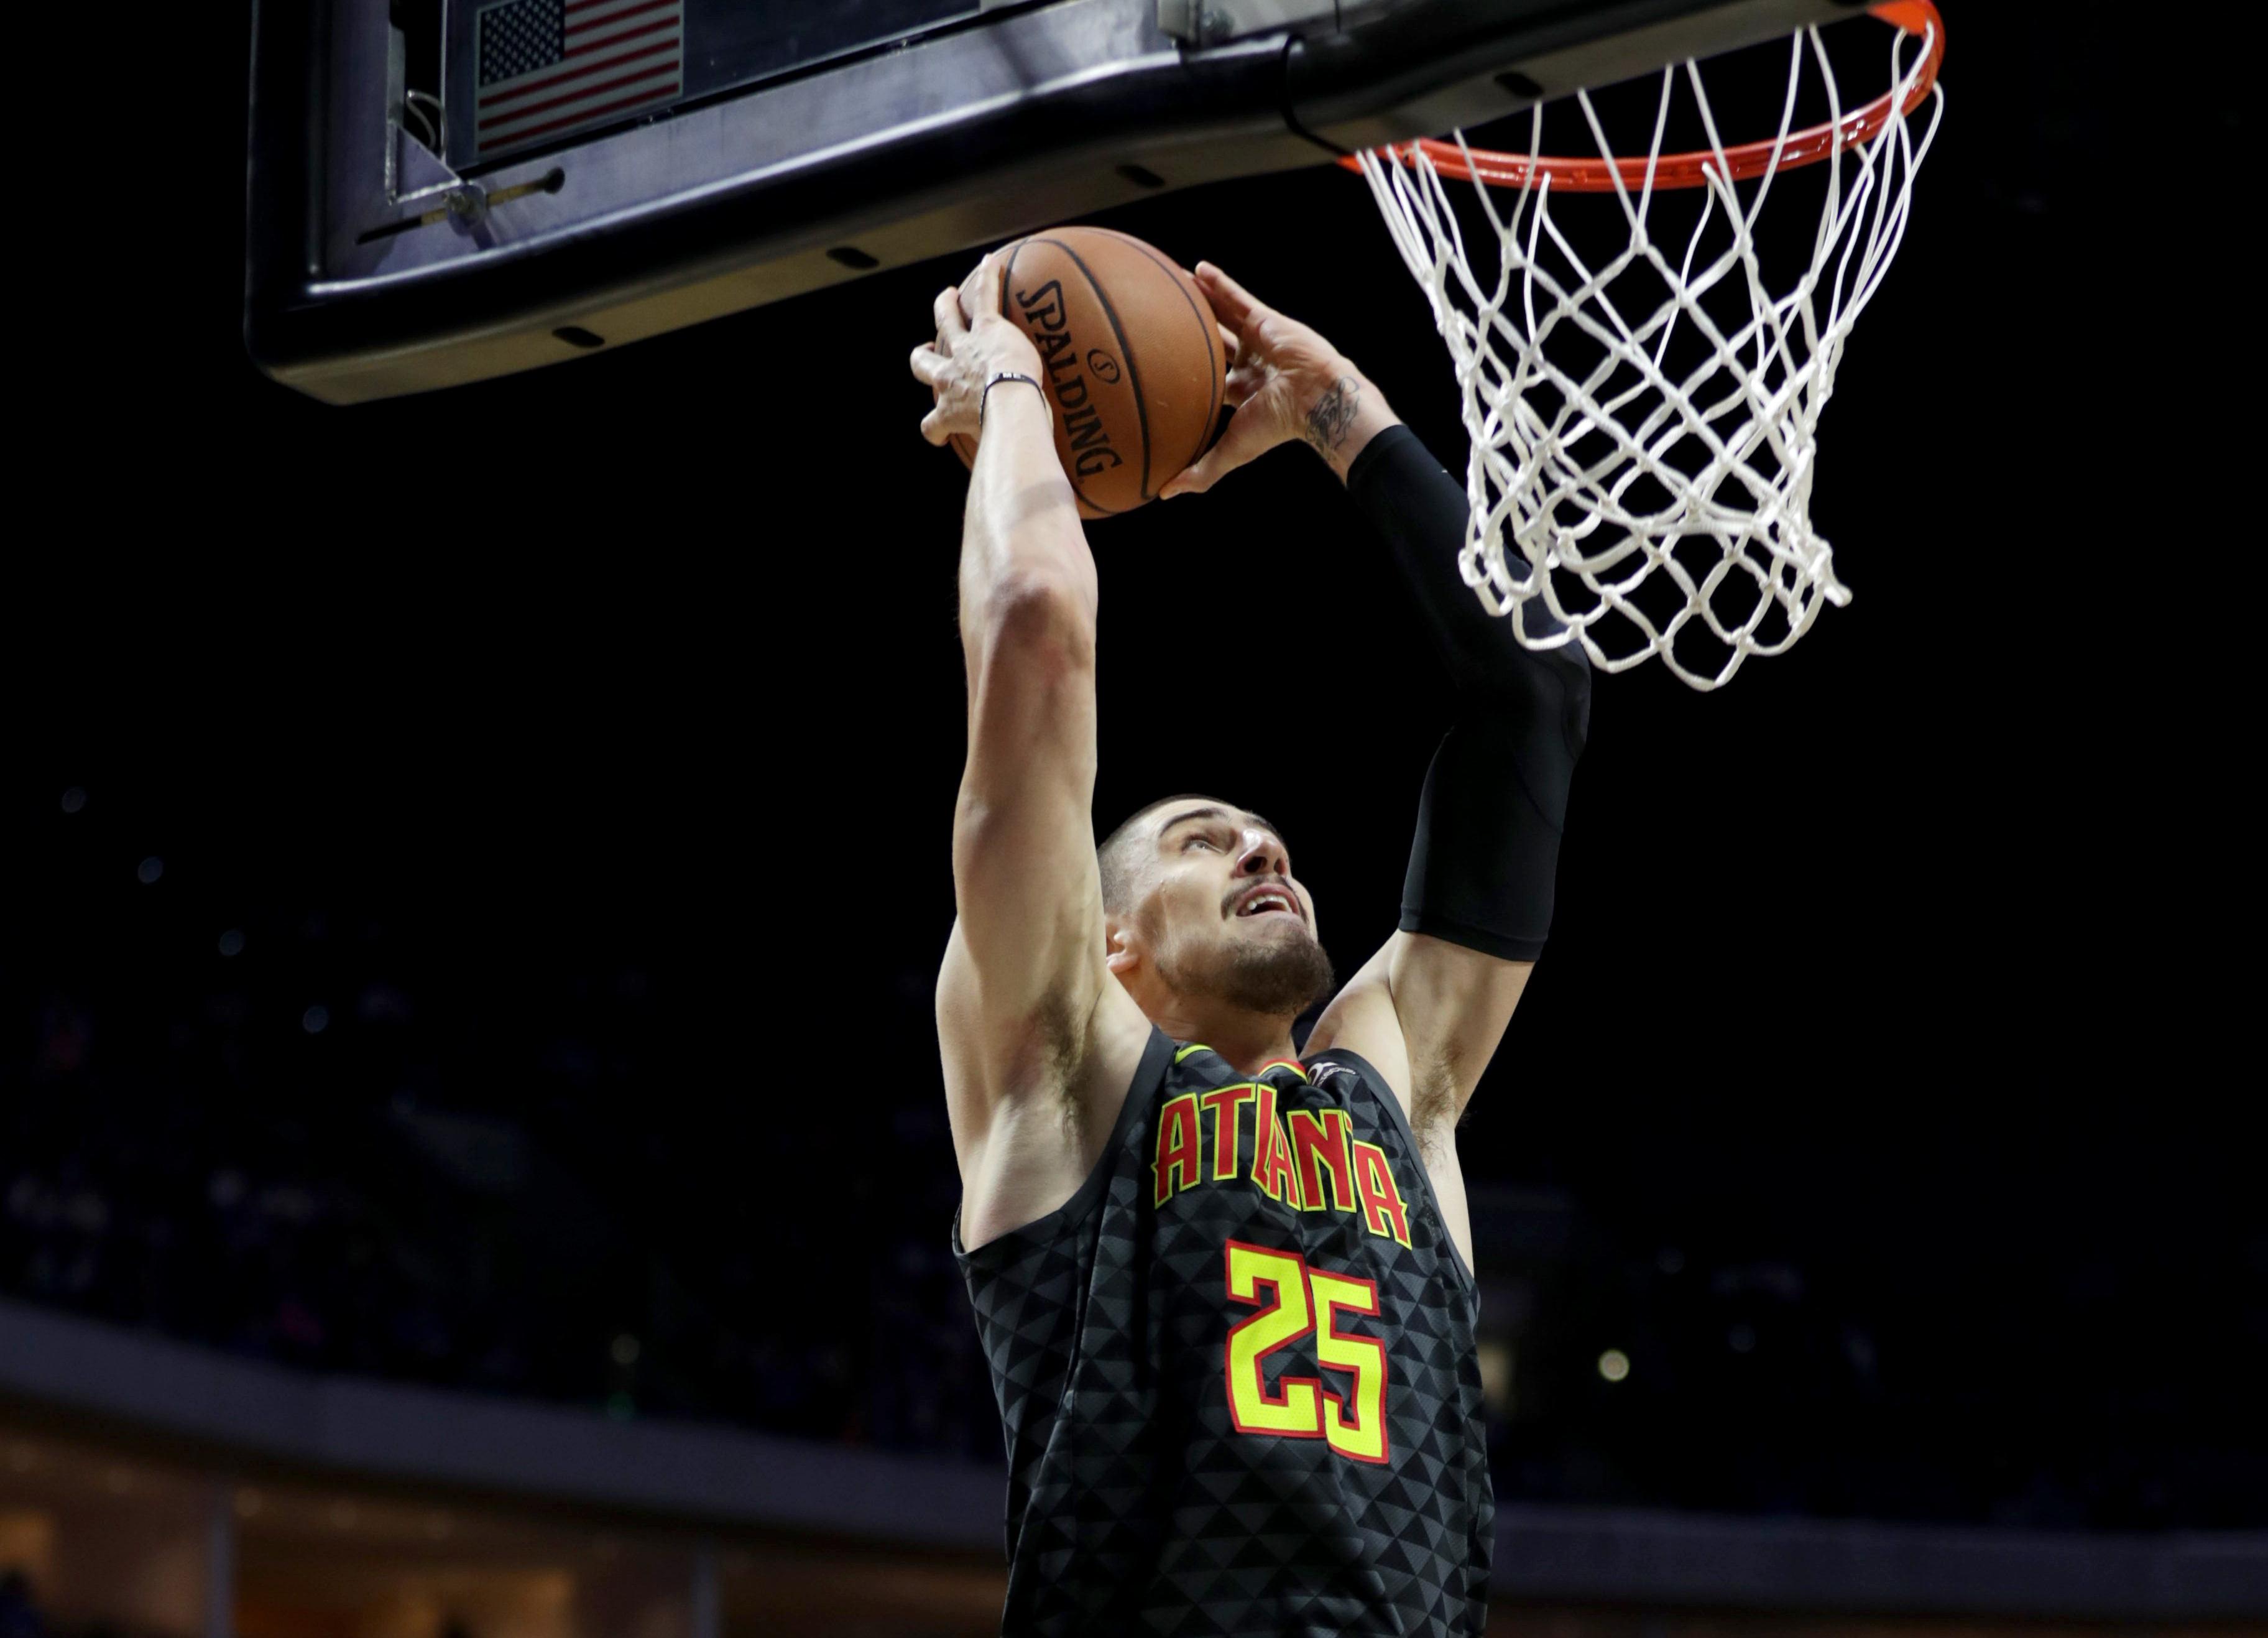 Данк Леня через По Газоля - в топ-10 моментів дня НБА